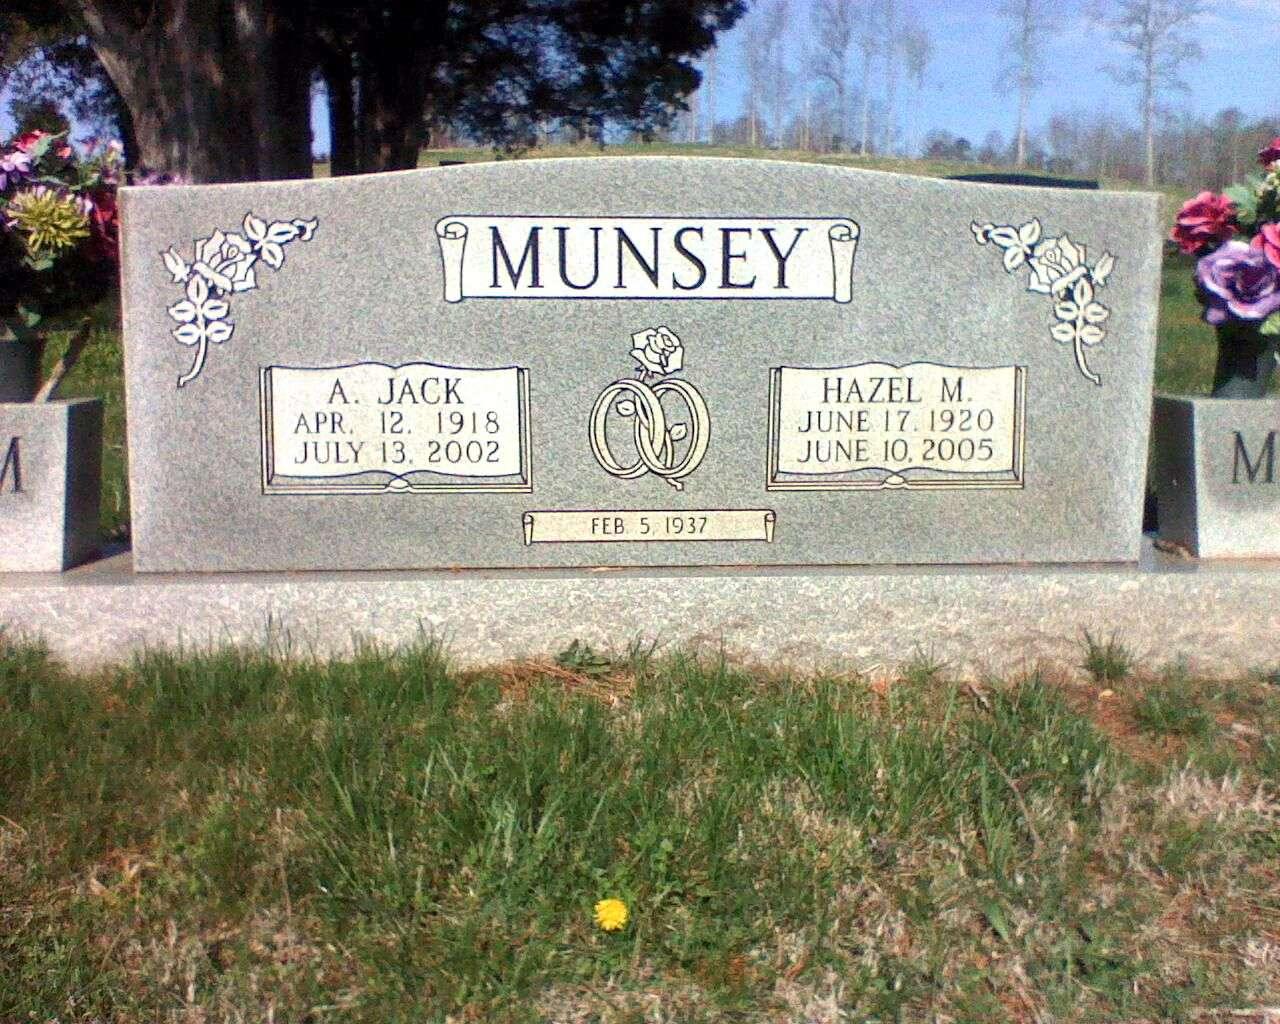 Andrew Jackson Jack Munsey